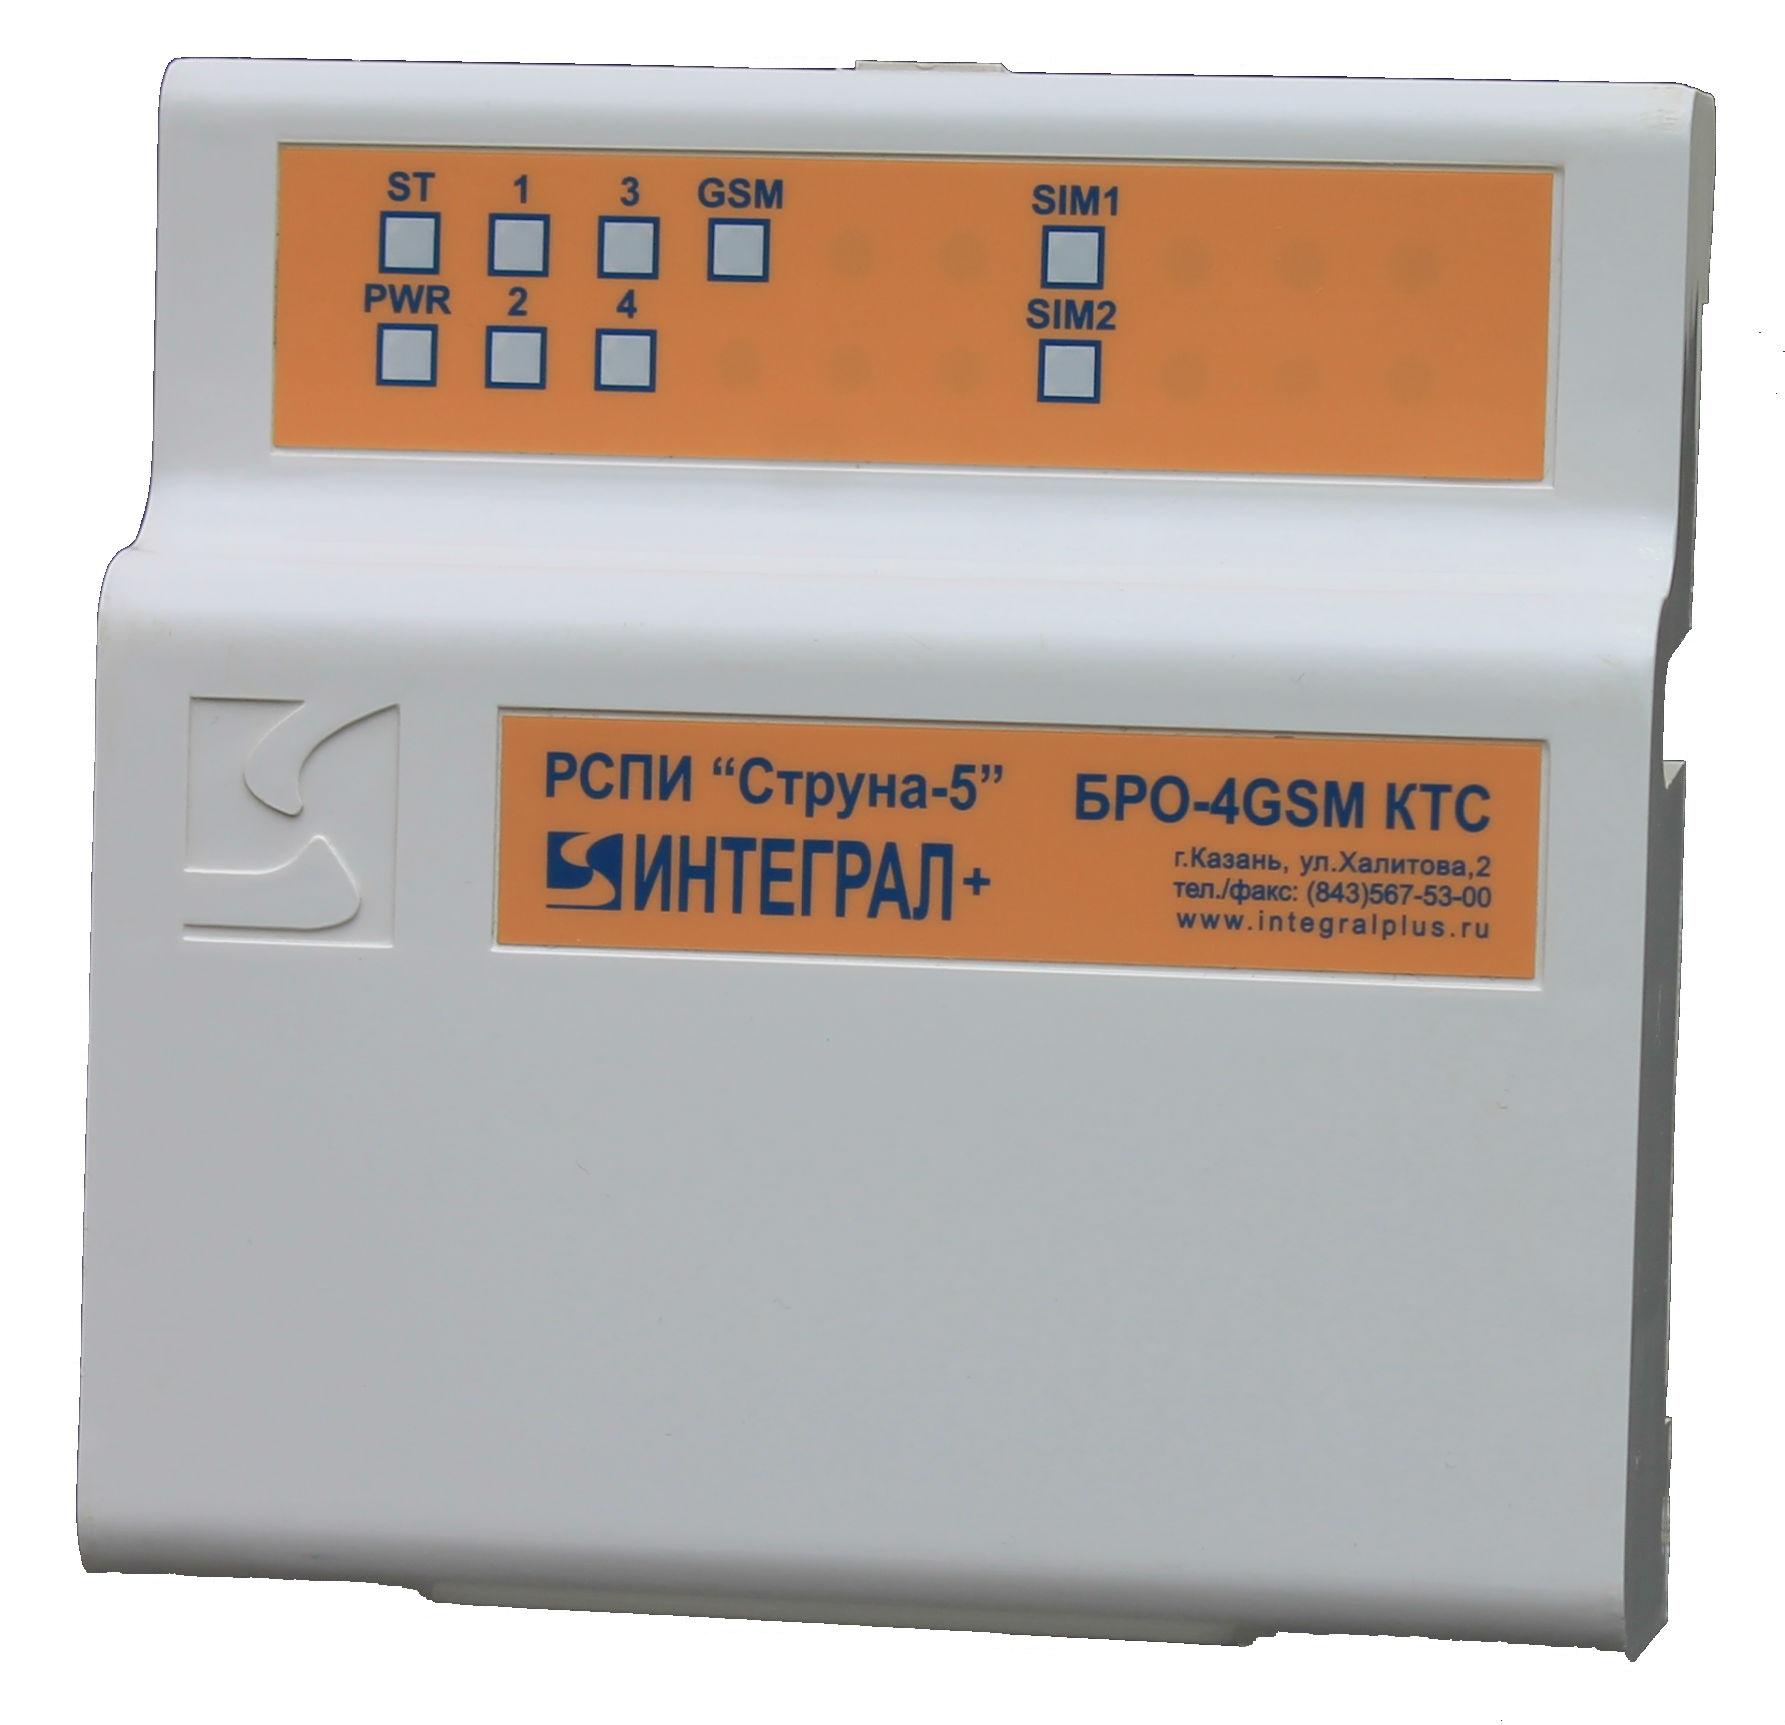 """Бро-5 gsm+ ethernet объектовый радиоканальный блок ооо тк """"роникс""""."""